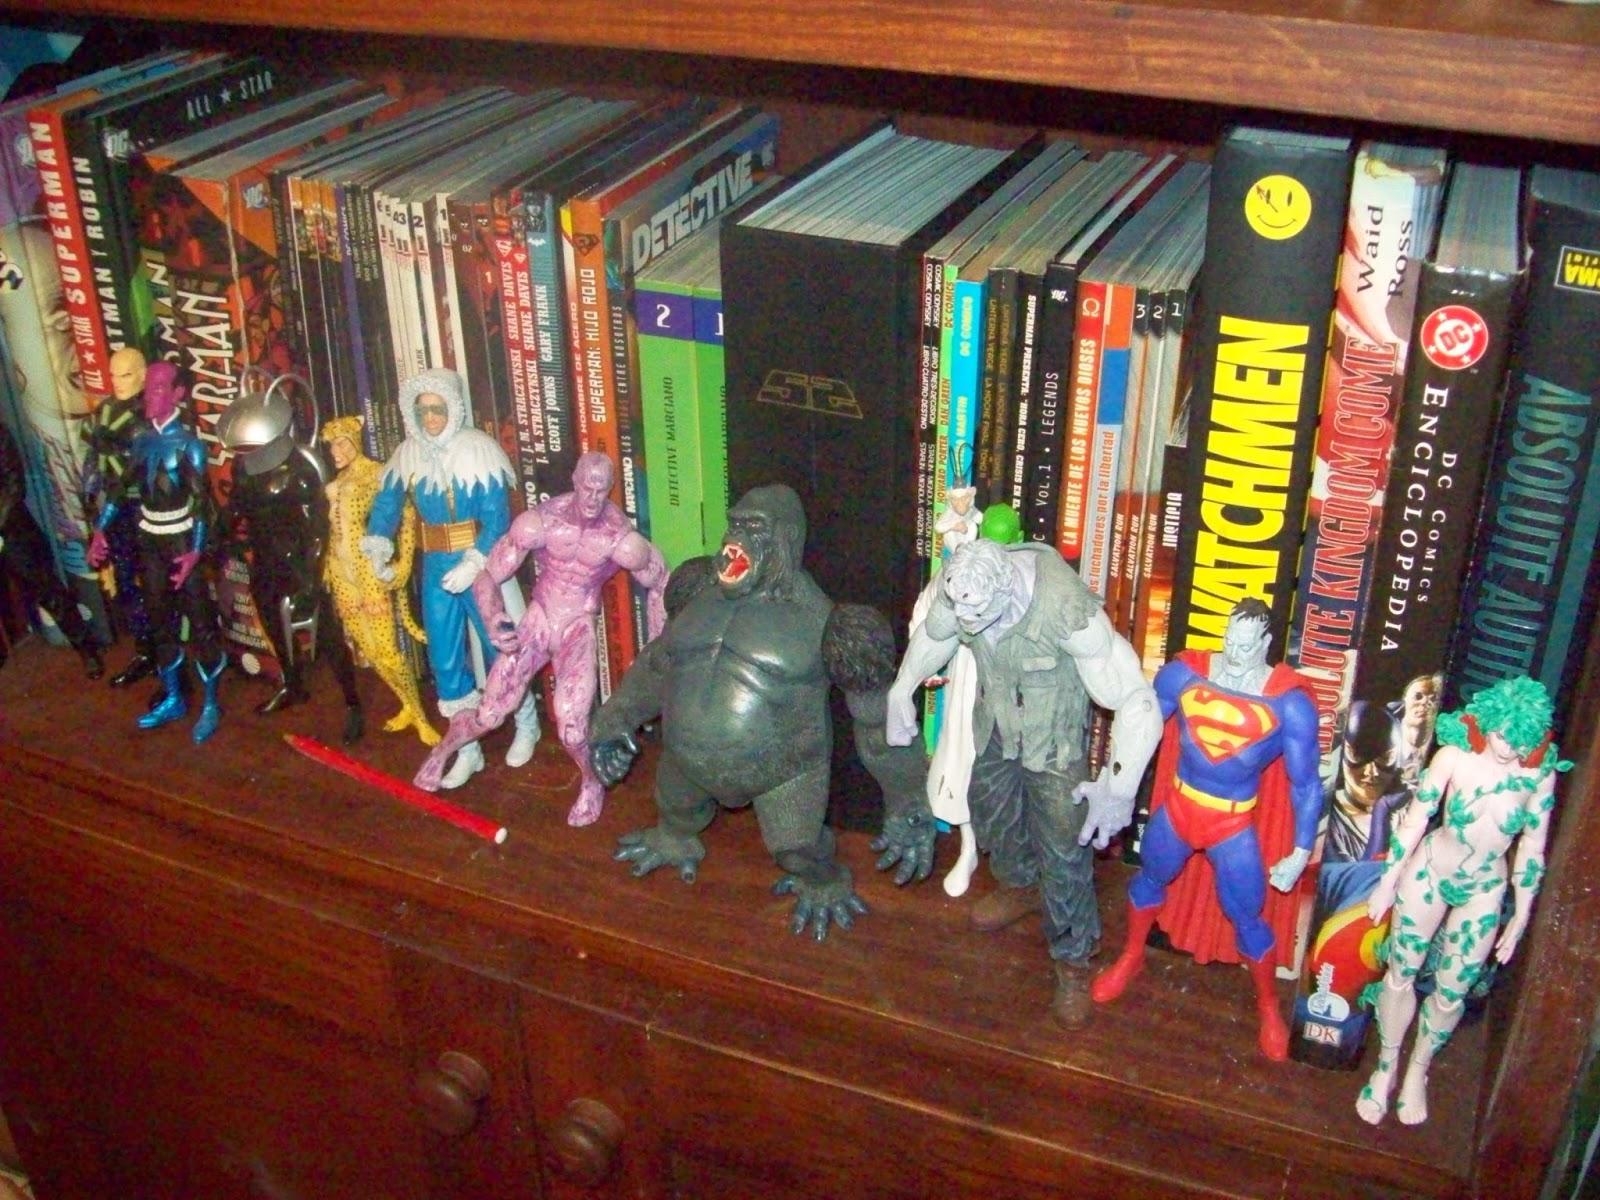 [COMICS] Colecciones de Comics ¿Quién la tiene más grande?  - Página 6 100_5535